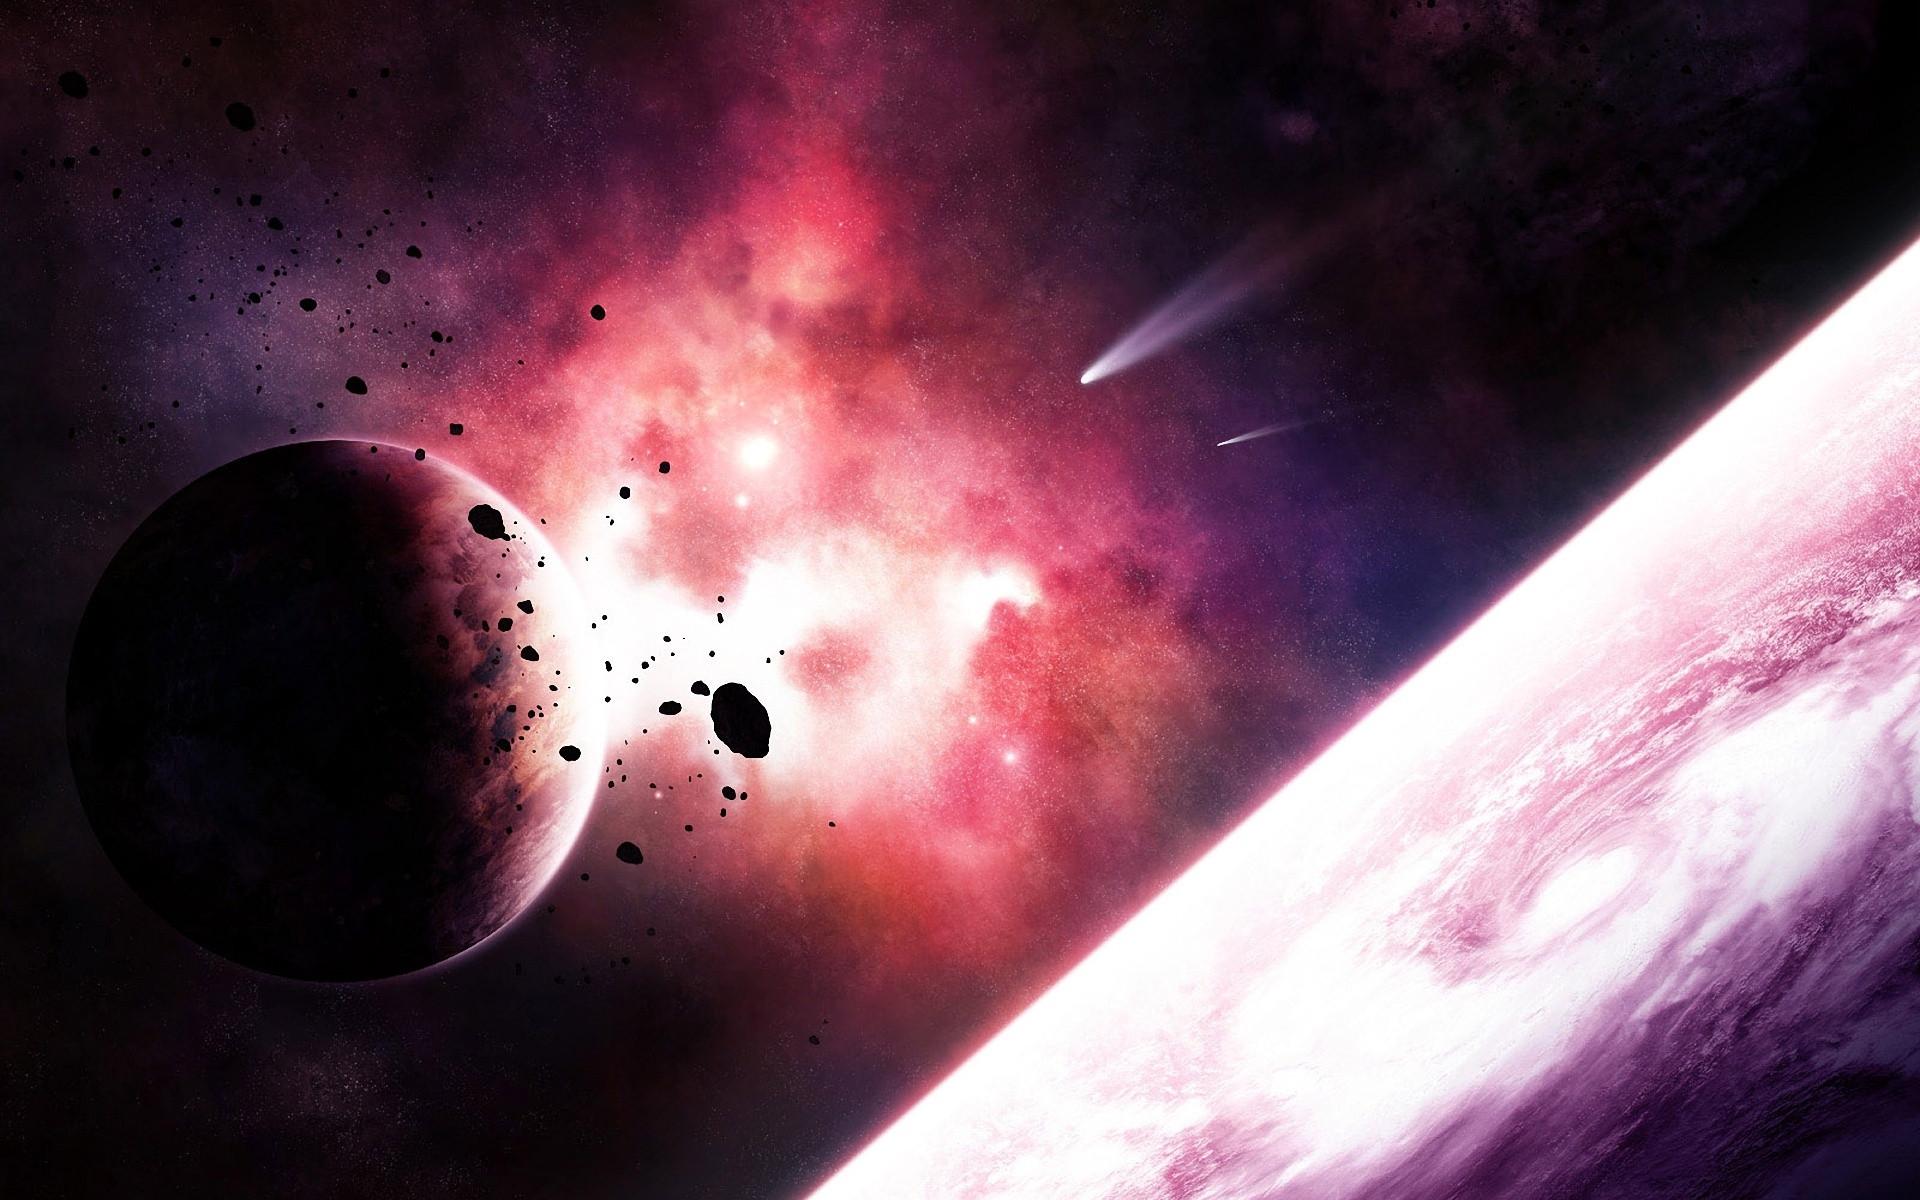 обои Астероиды возле планеты, астероиды, кометы, планеты картинки фото